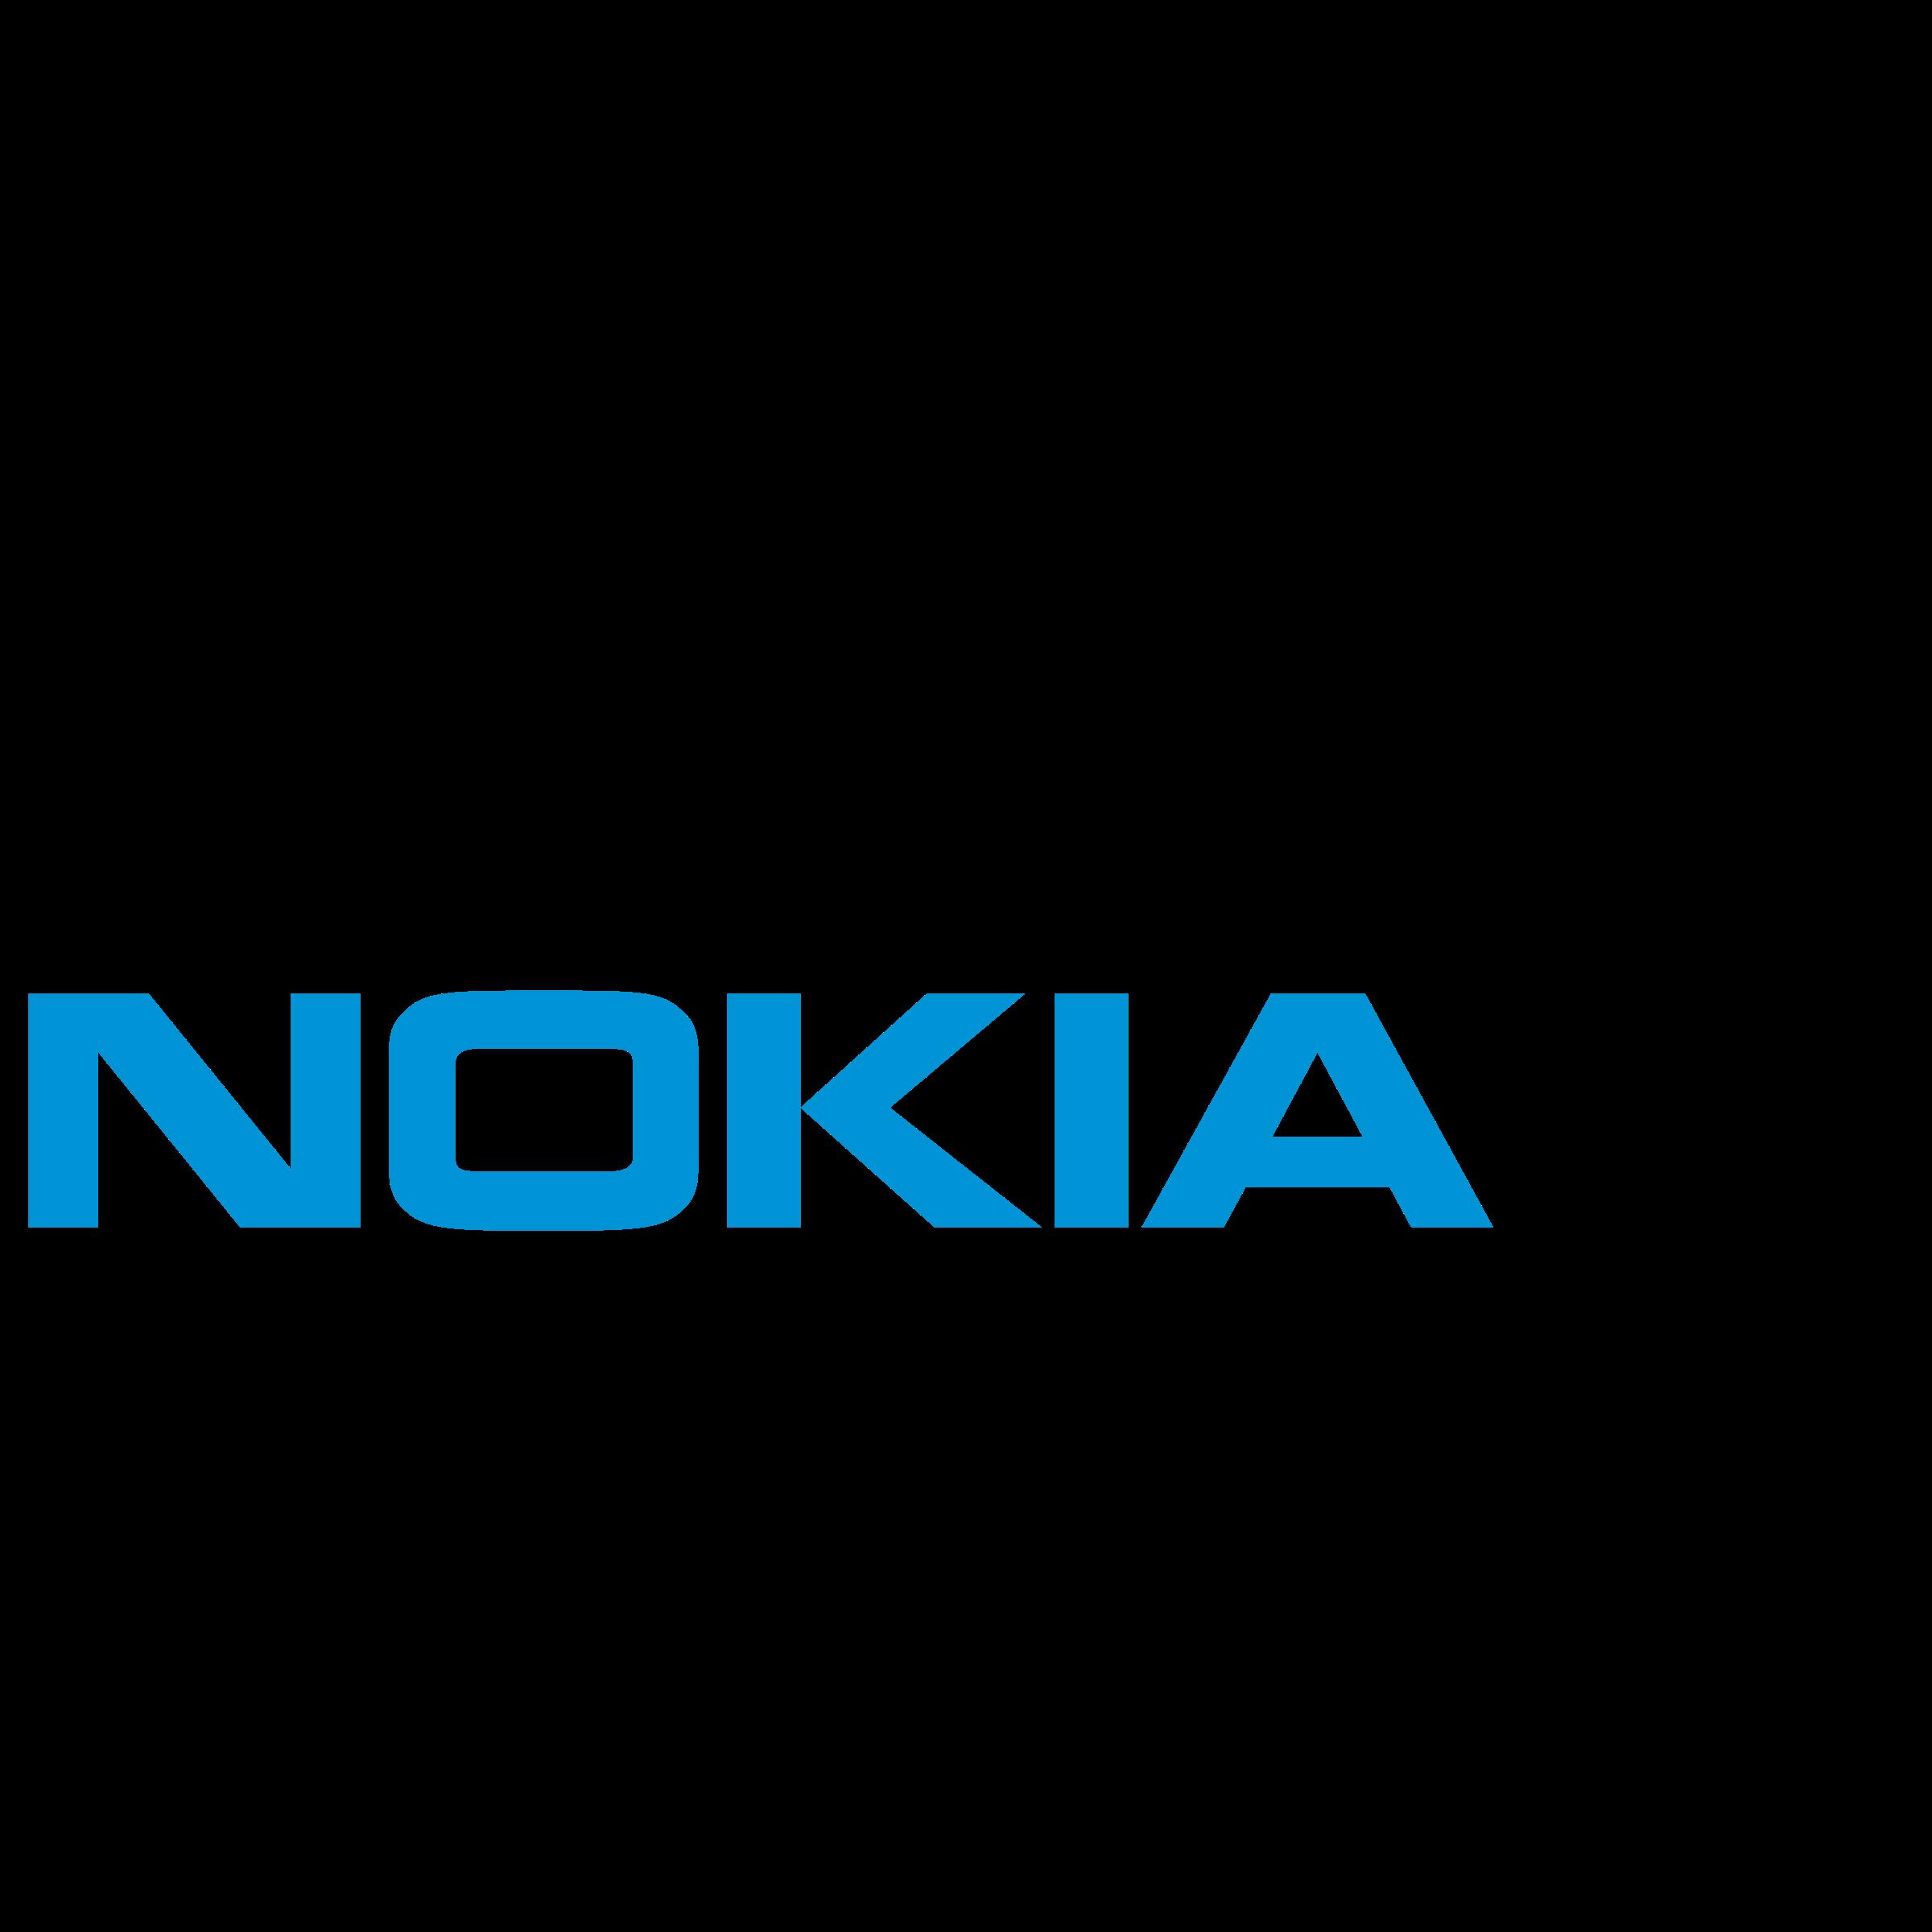 Nokia Logo Black And White